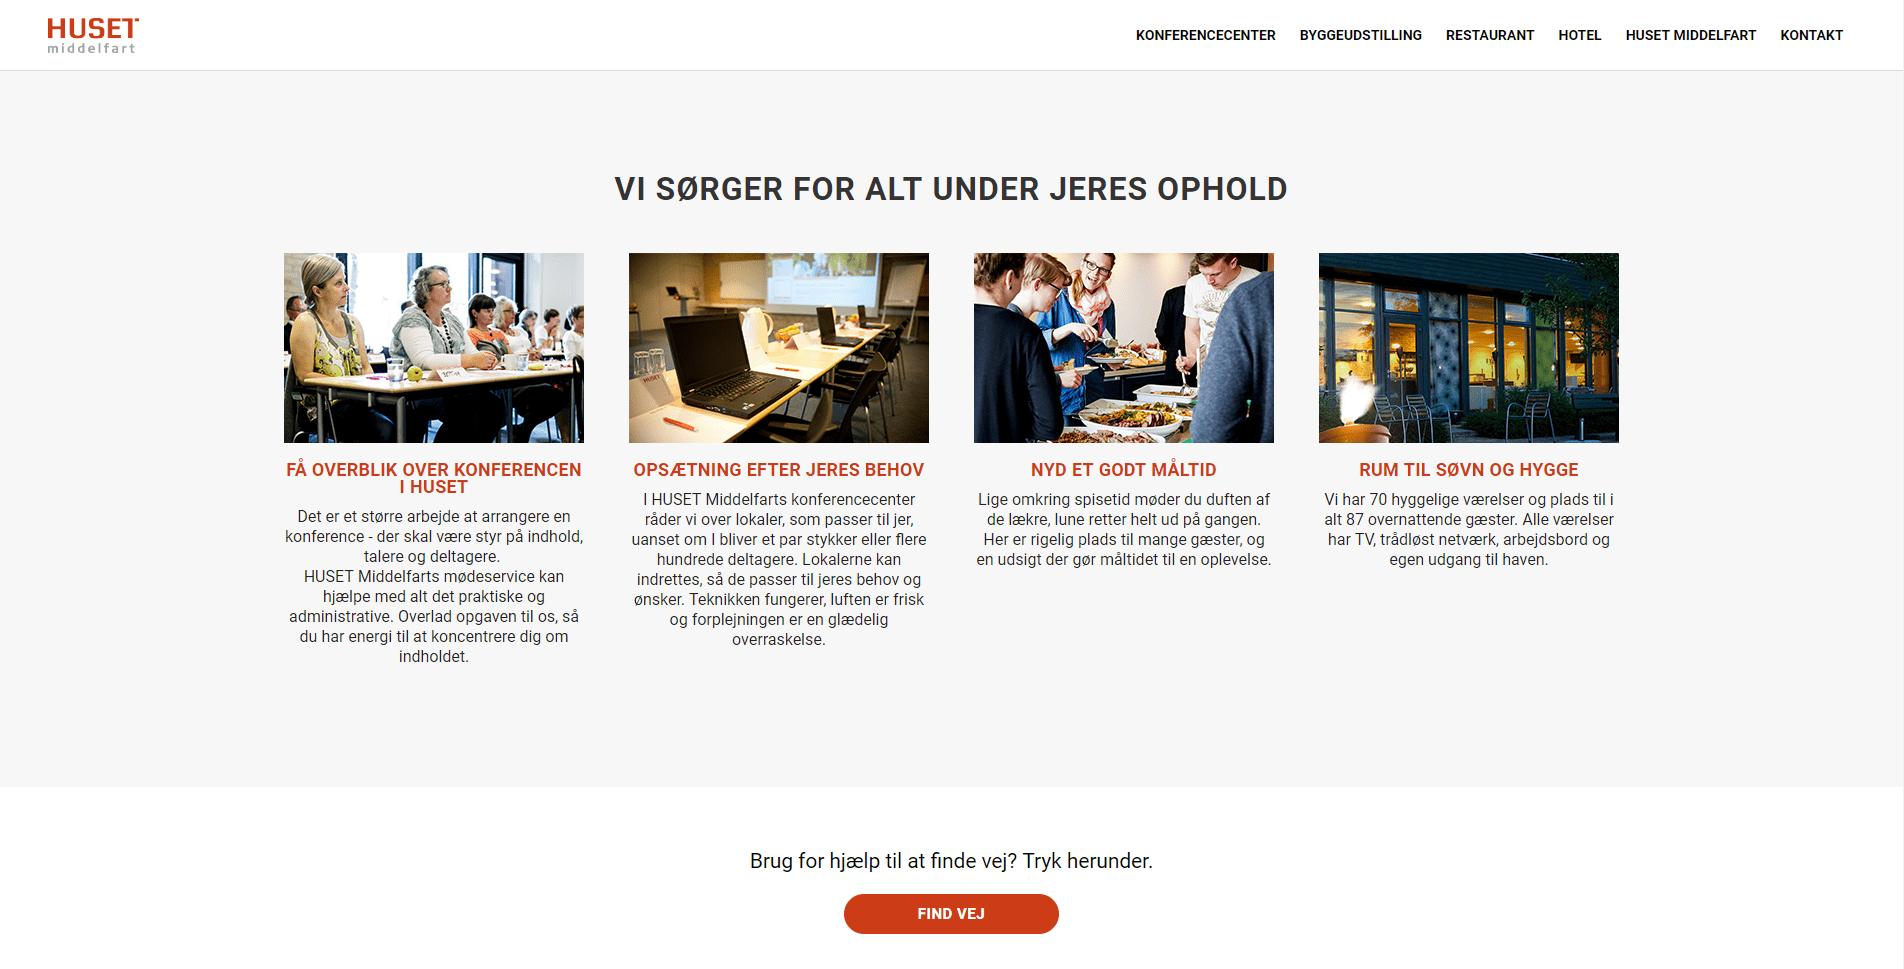 Huset middelfart website exemple